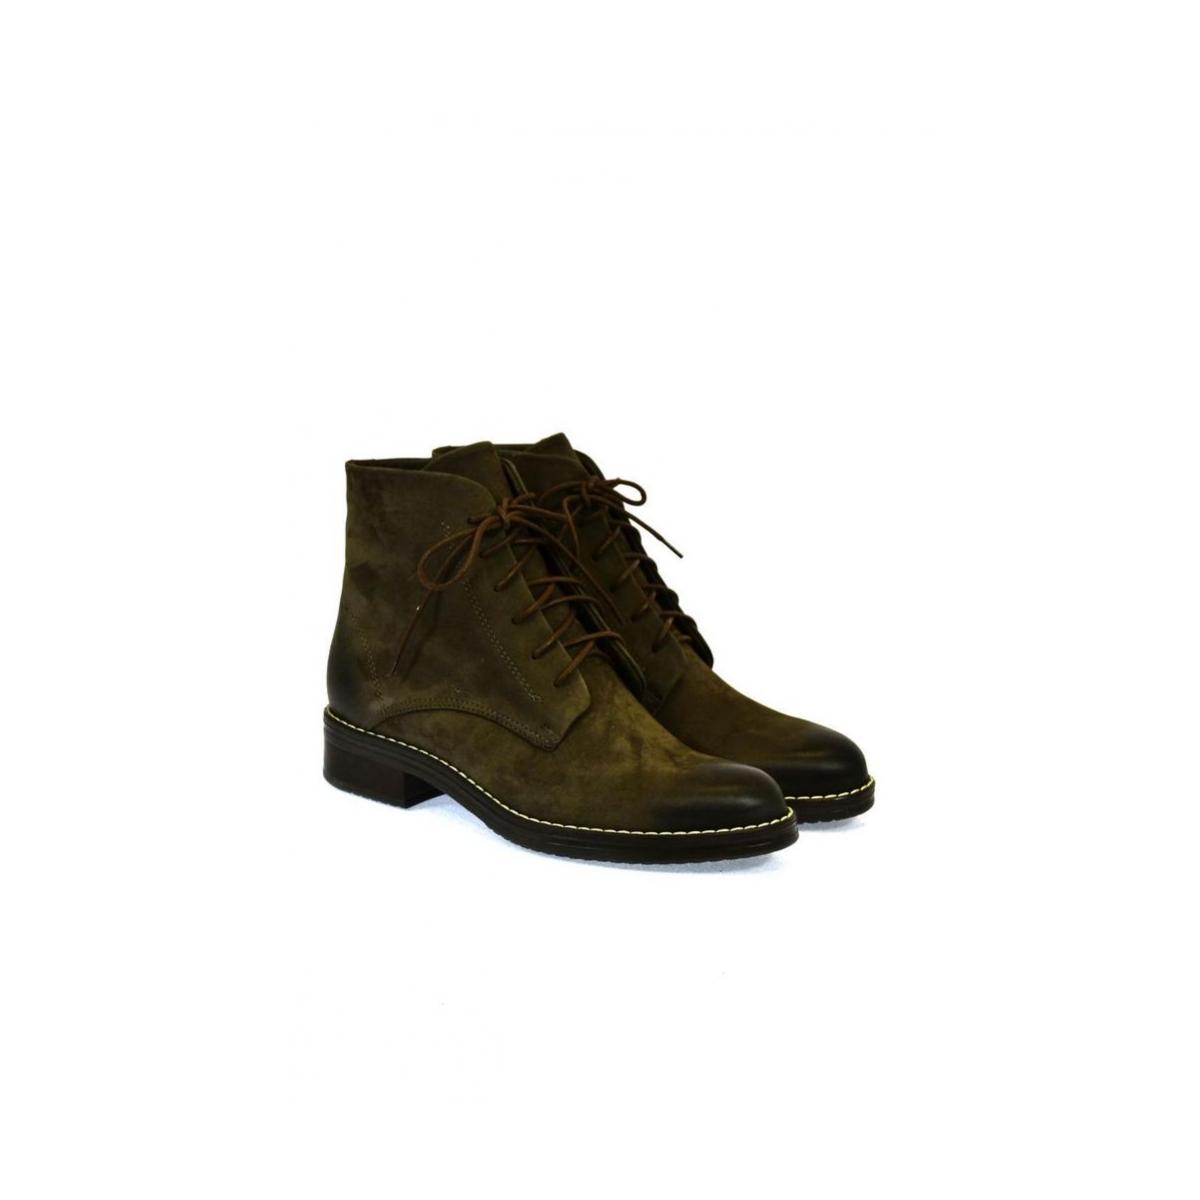 9cd2f3d4c0 Dámske hnedé členkové topánky ILINOIS - 2